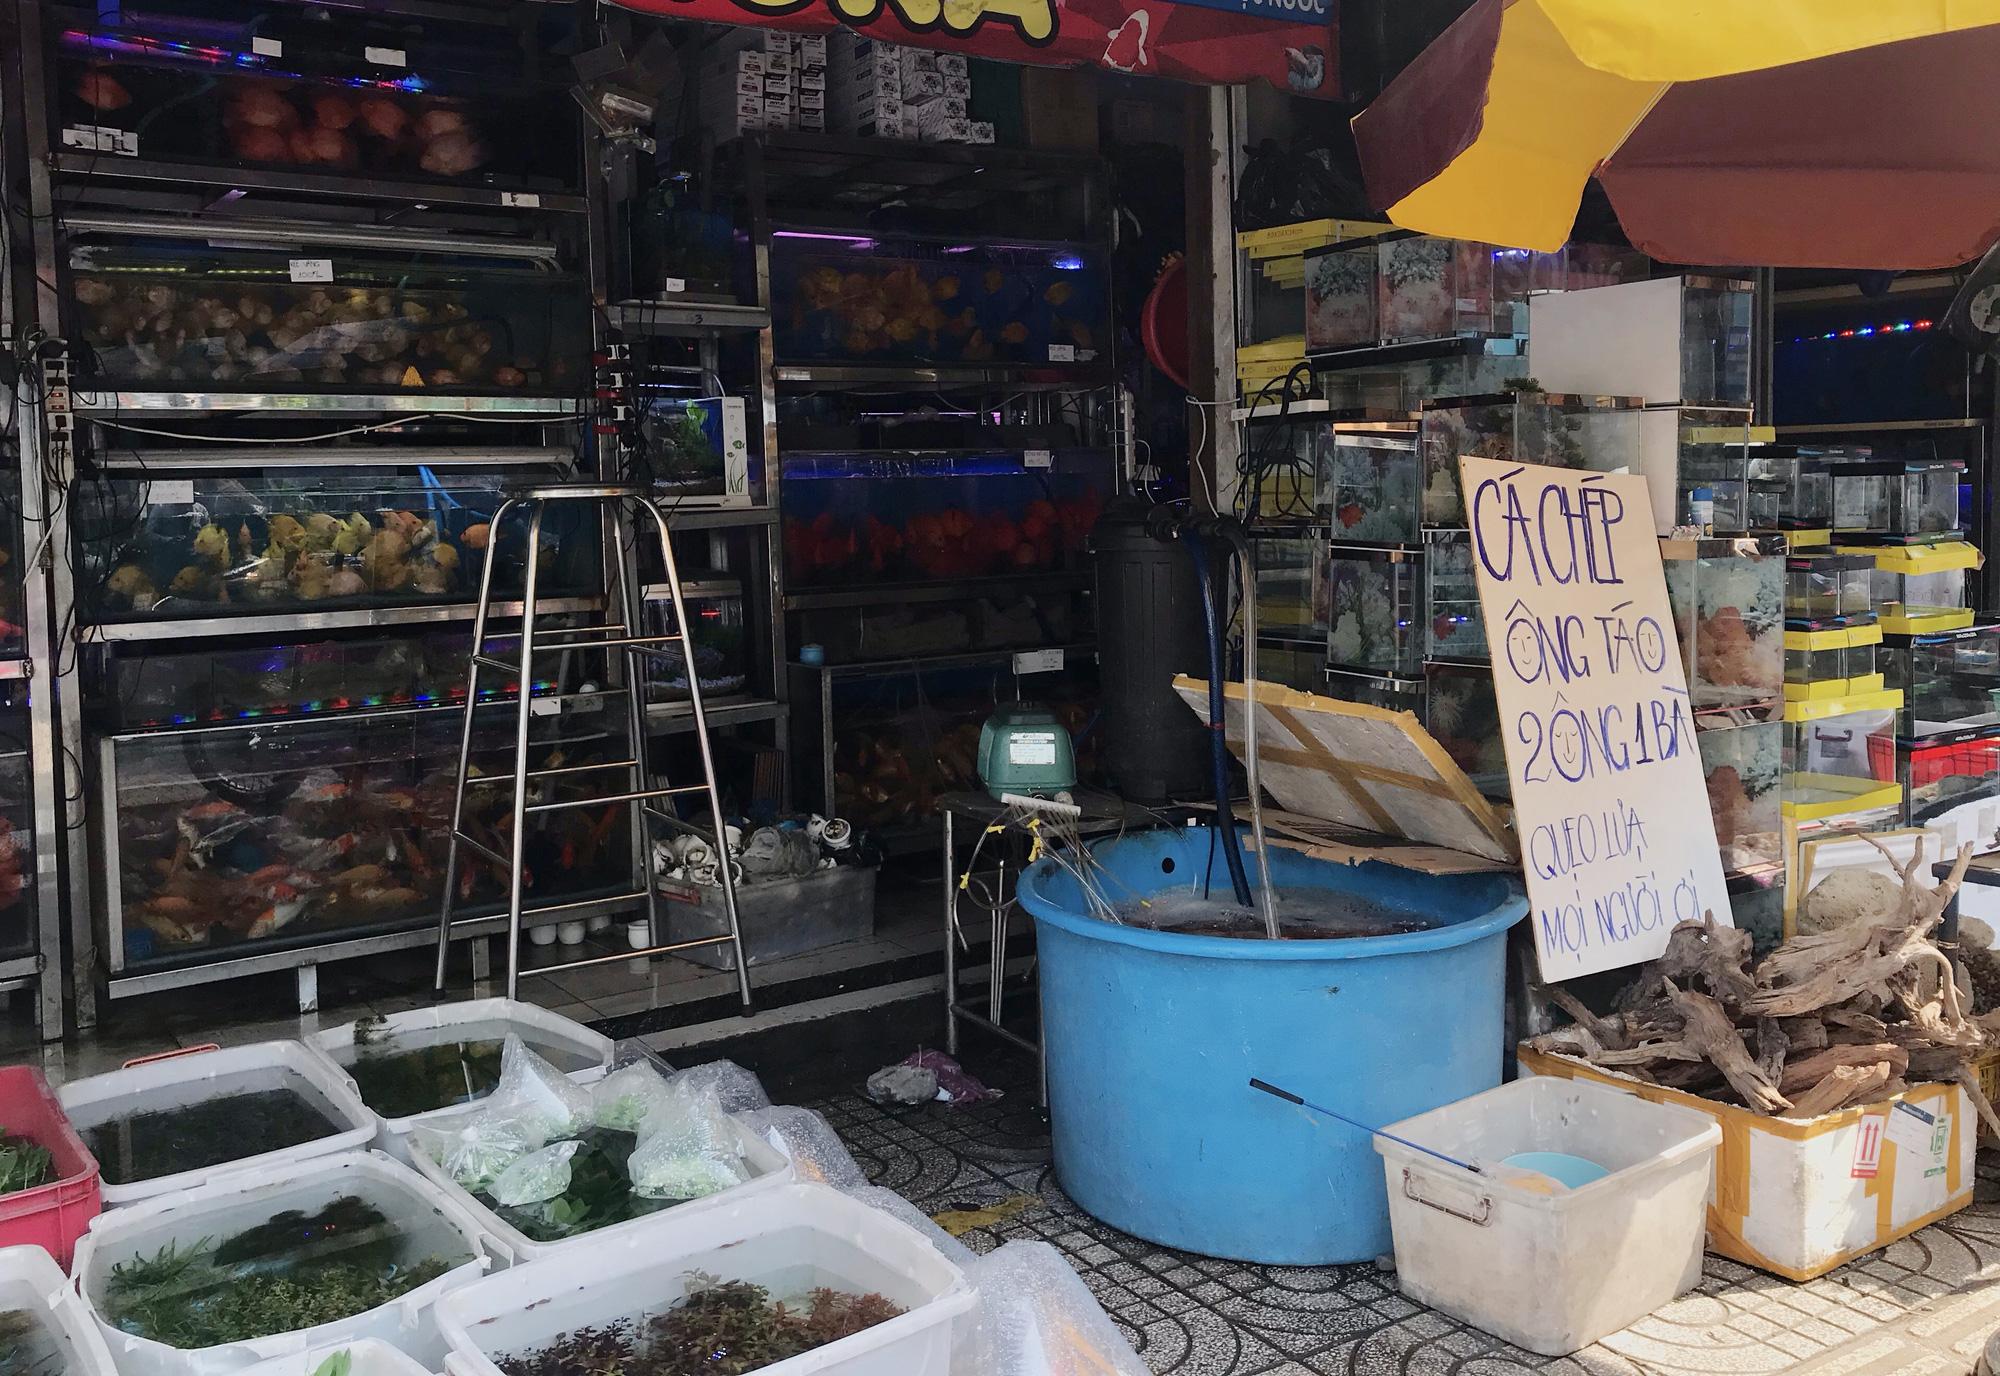 Người Sài Gòn tranh thủ sắm đồ cúng ông Công, ông Táo: Vàng mã hốt bạc, cá chép đìu hiu - Ảnh 13.